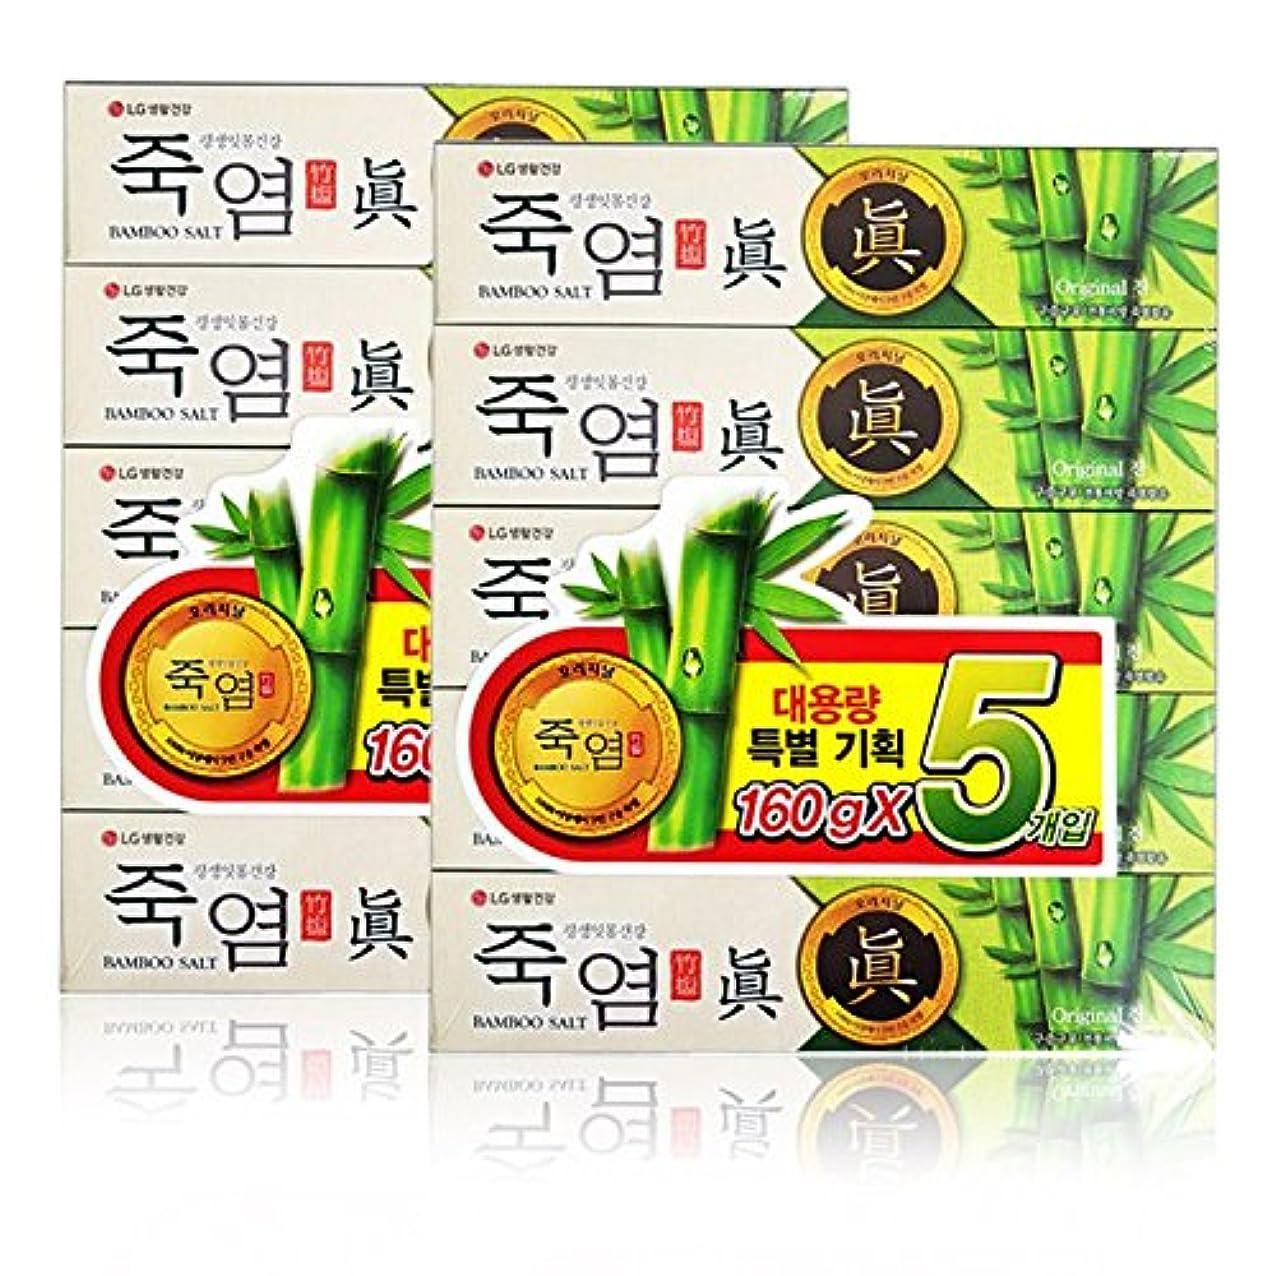 天気価値のないオープナー[LG電子の生活と健康] LG 竹塩オリジナル歯磨き粉160g*10つの(海外直送品)